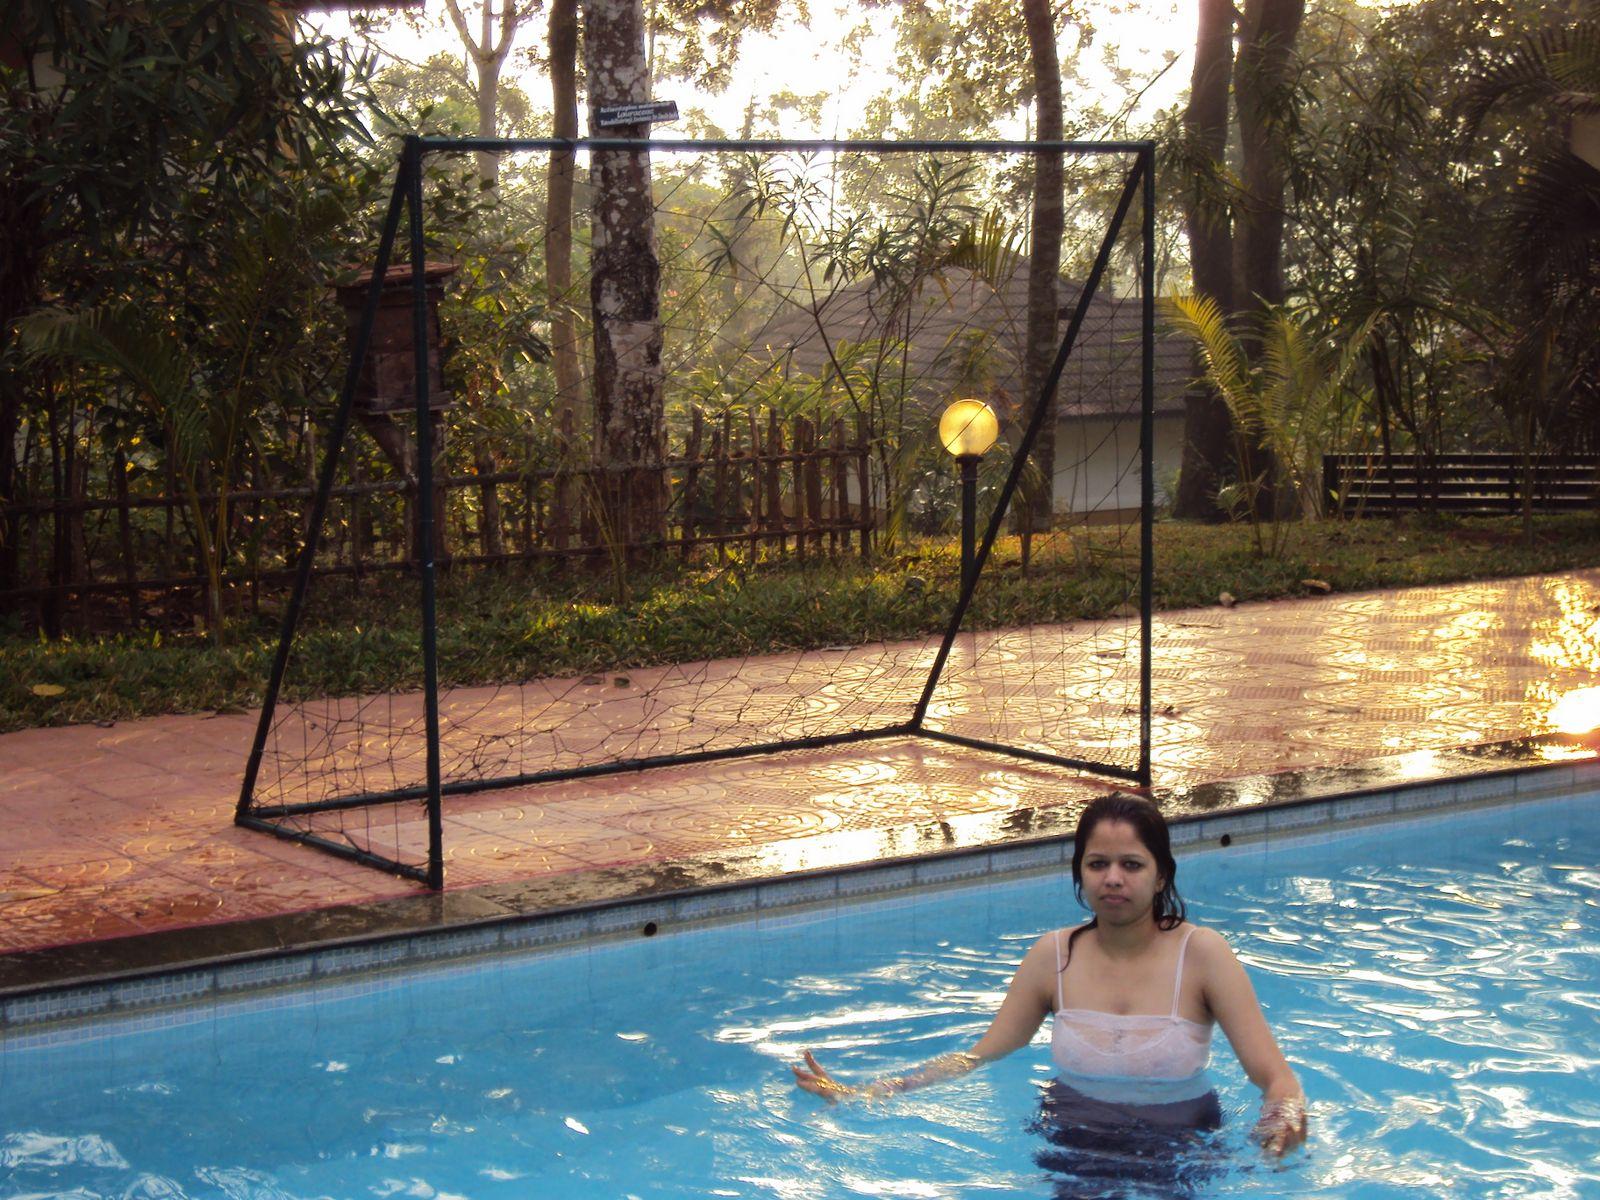 Sweet Indian Girl In Bikini At Water Park - Hd Latest -9415